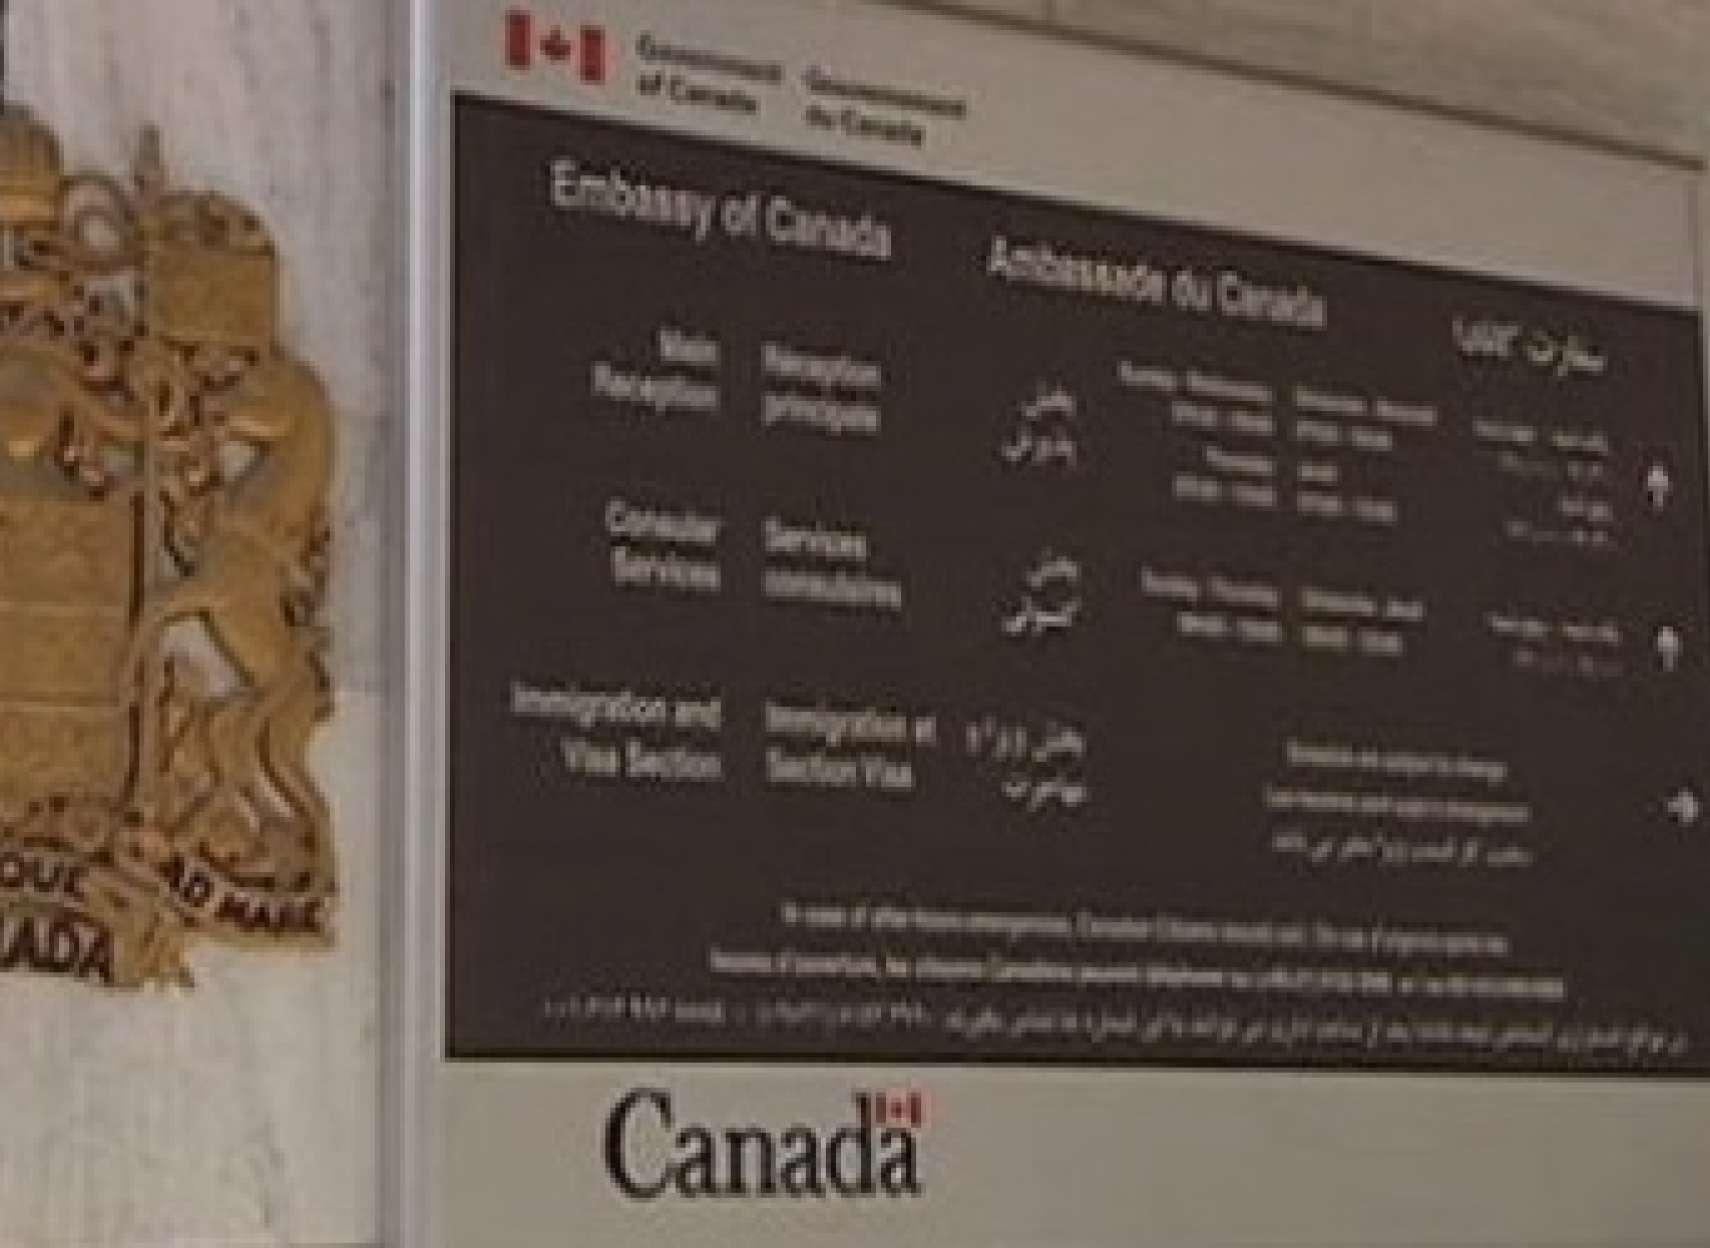 -نه-مجدد-کانادا-به-درخواست-جمهوری-اسلامی-برای-رفع-موانع-خدمات- کنسولی